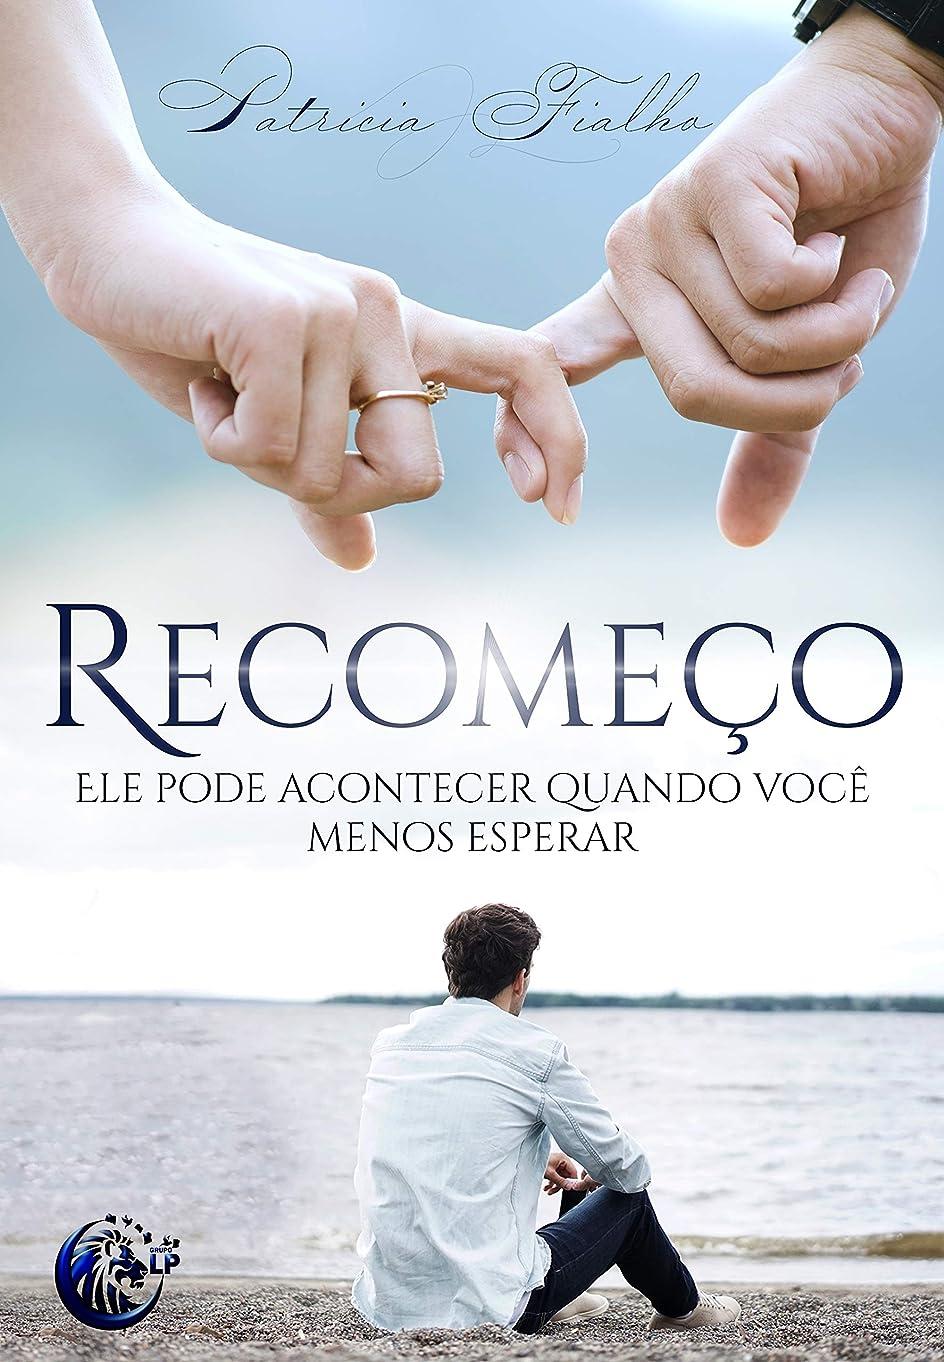 結核ライセンス冷蔵するRecome?o: Ele pode acontecer quando você menos espera (Portuguese Edition)